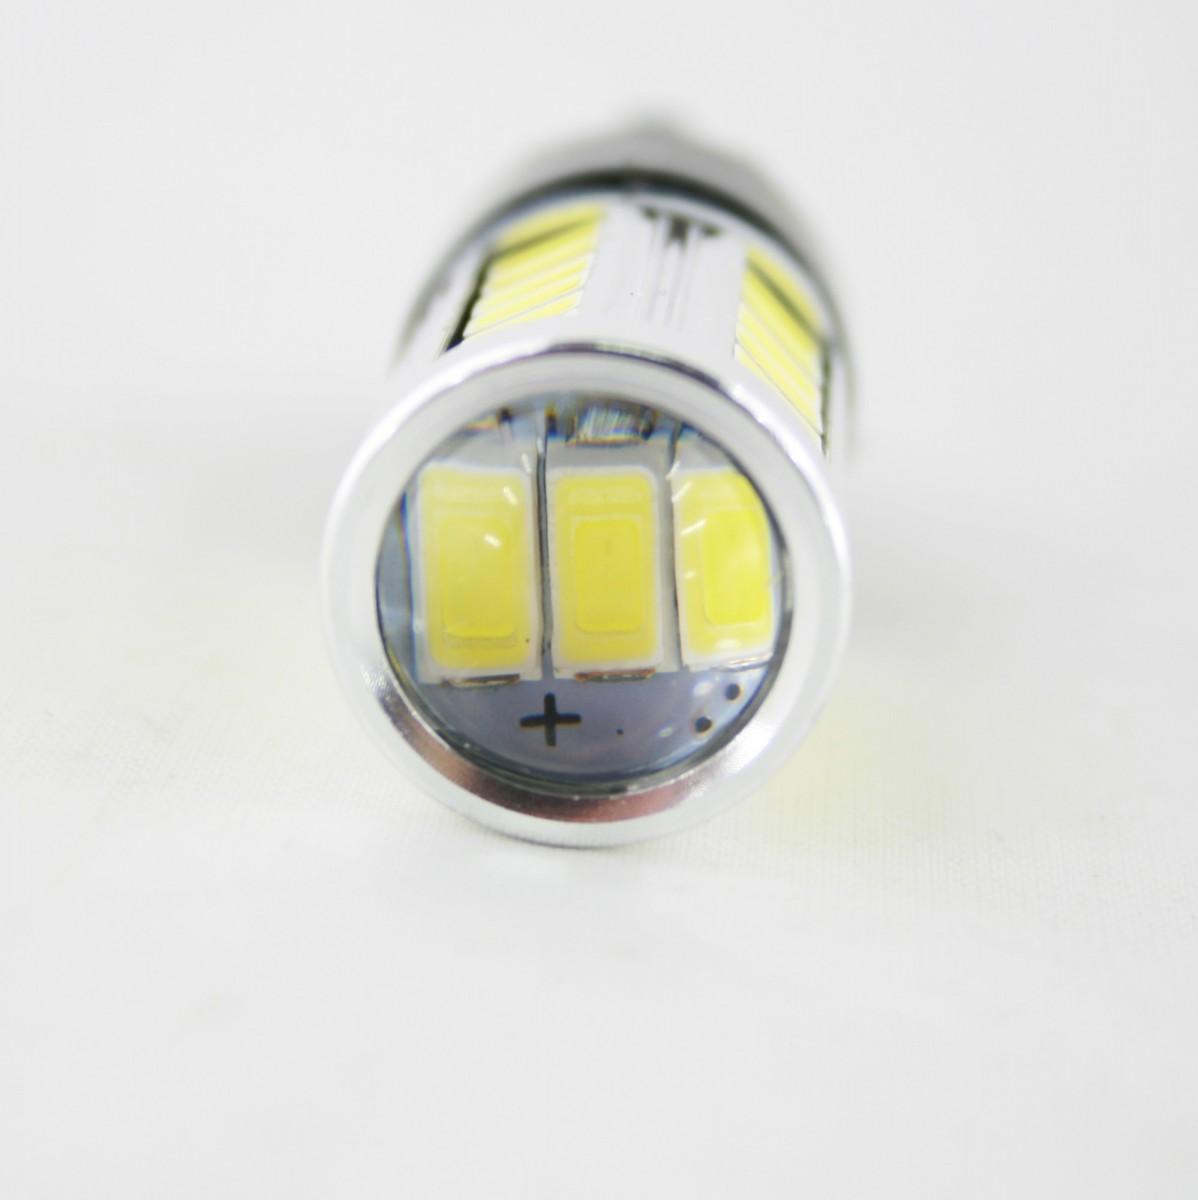 Светодиодная лампа CP (W21W) 2-контактная 33SMD 5730